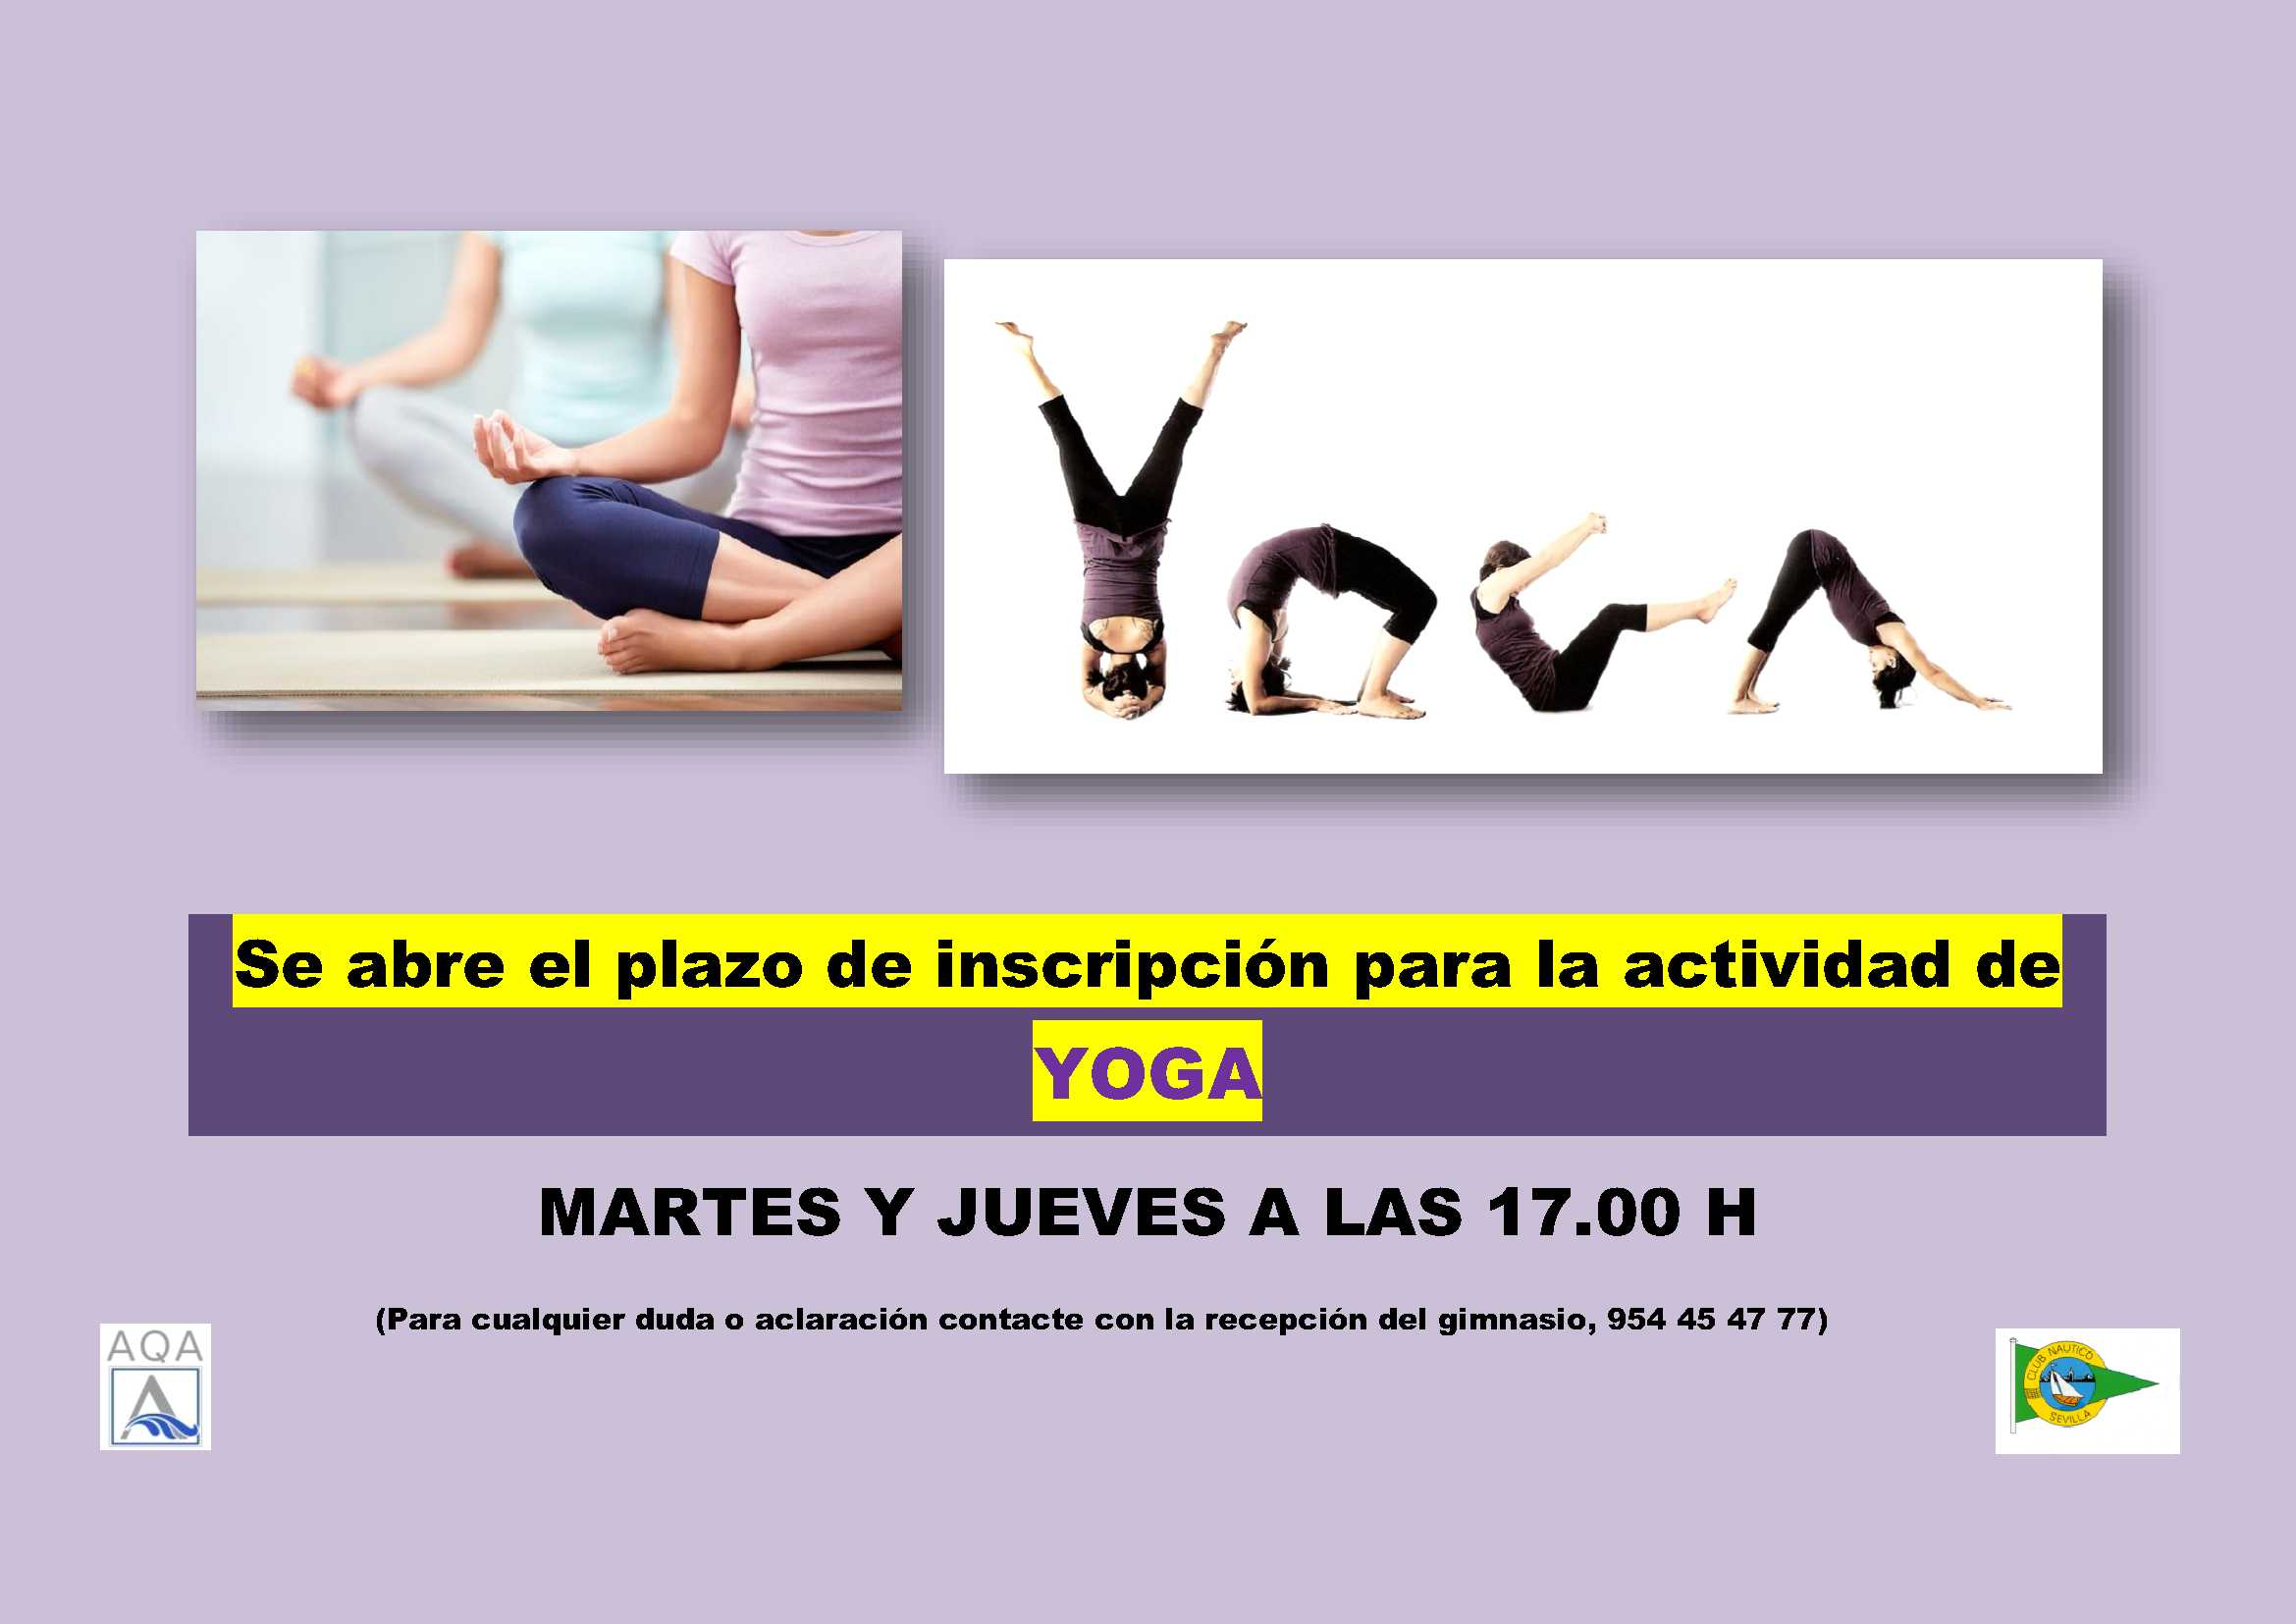 Clases de yoga en el Club Náutico - Club Náutico Sevilla f2ad111509a8